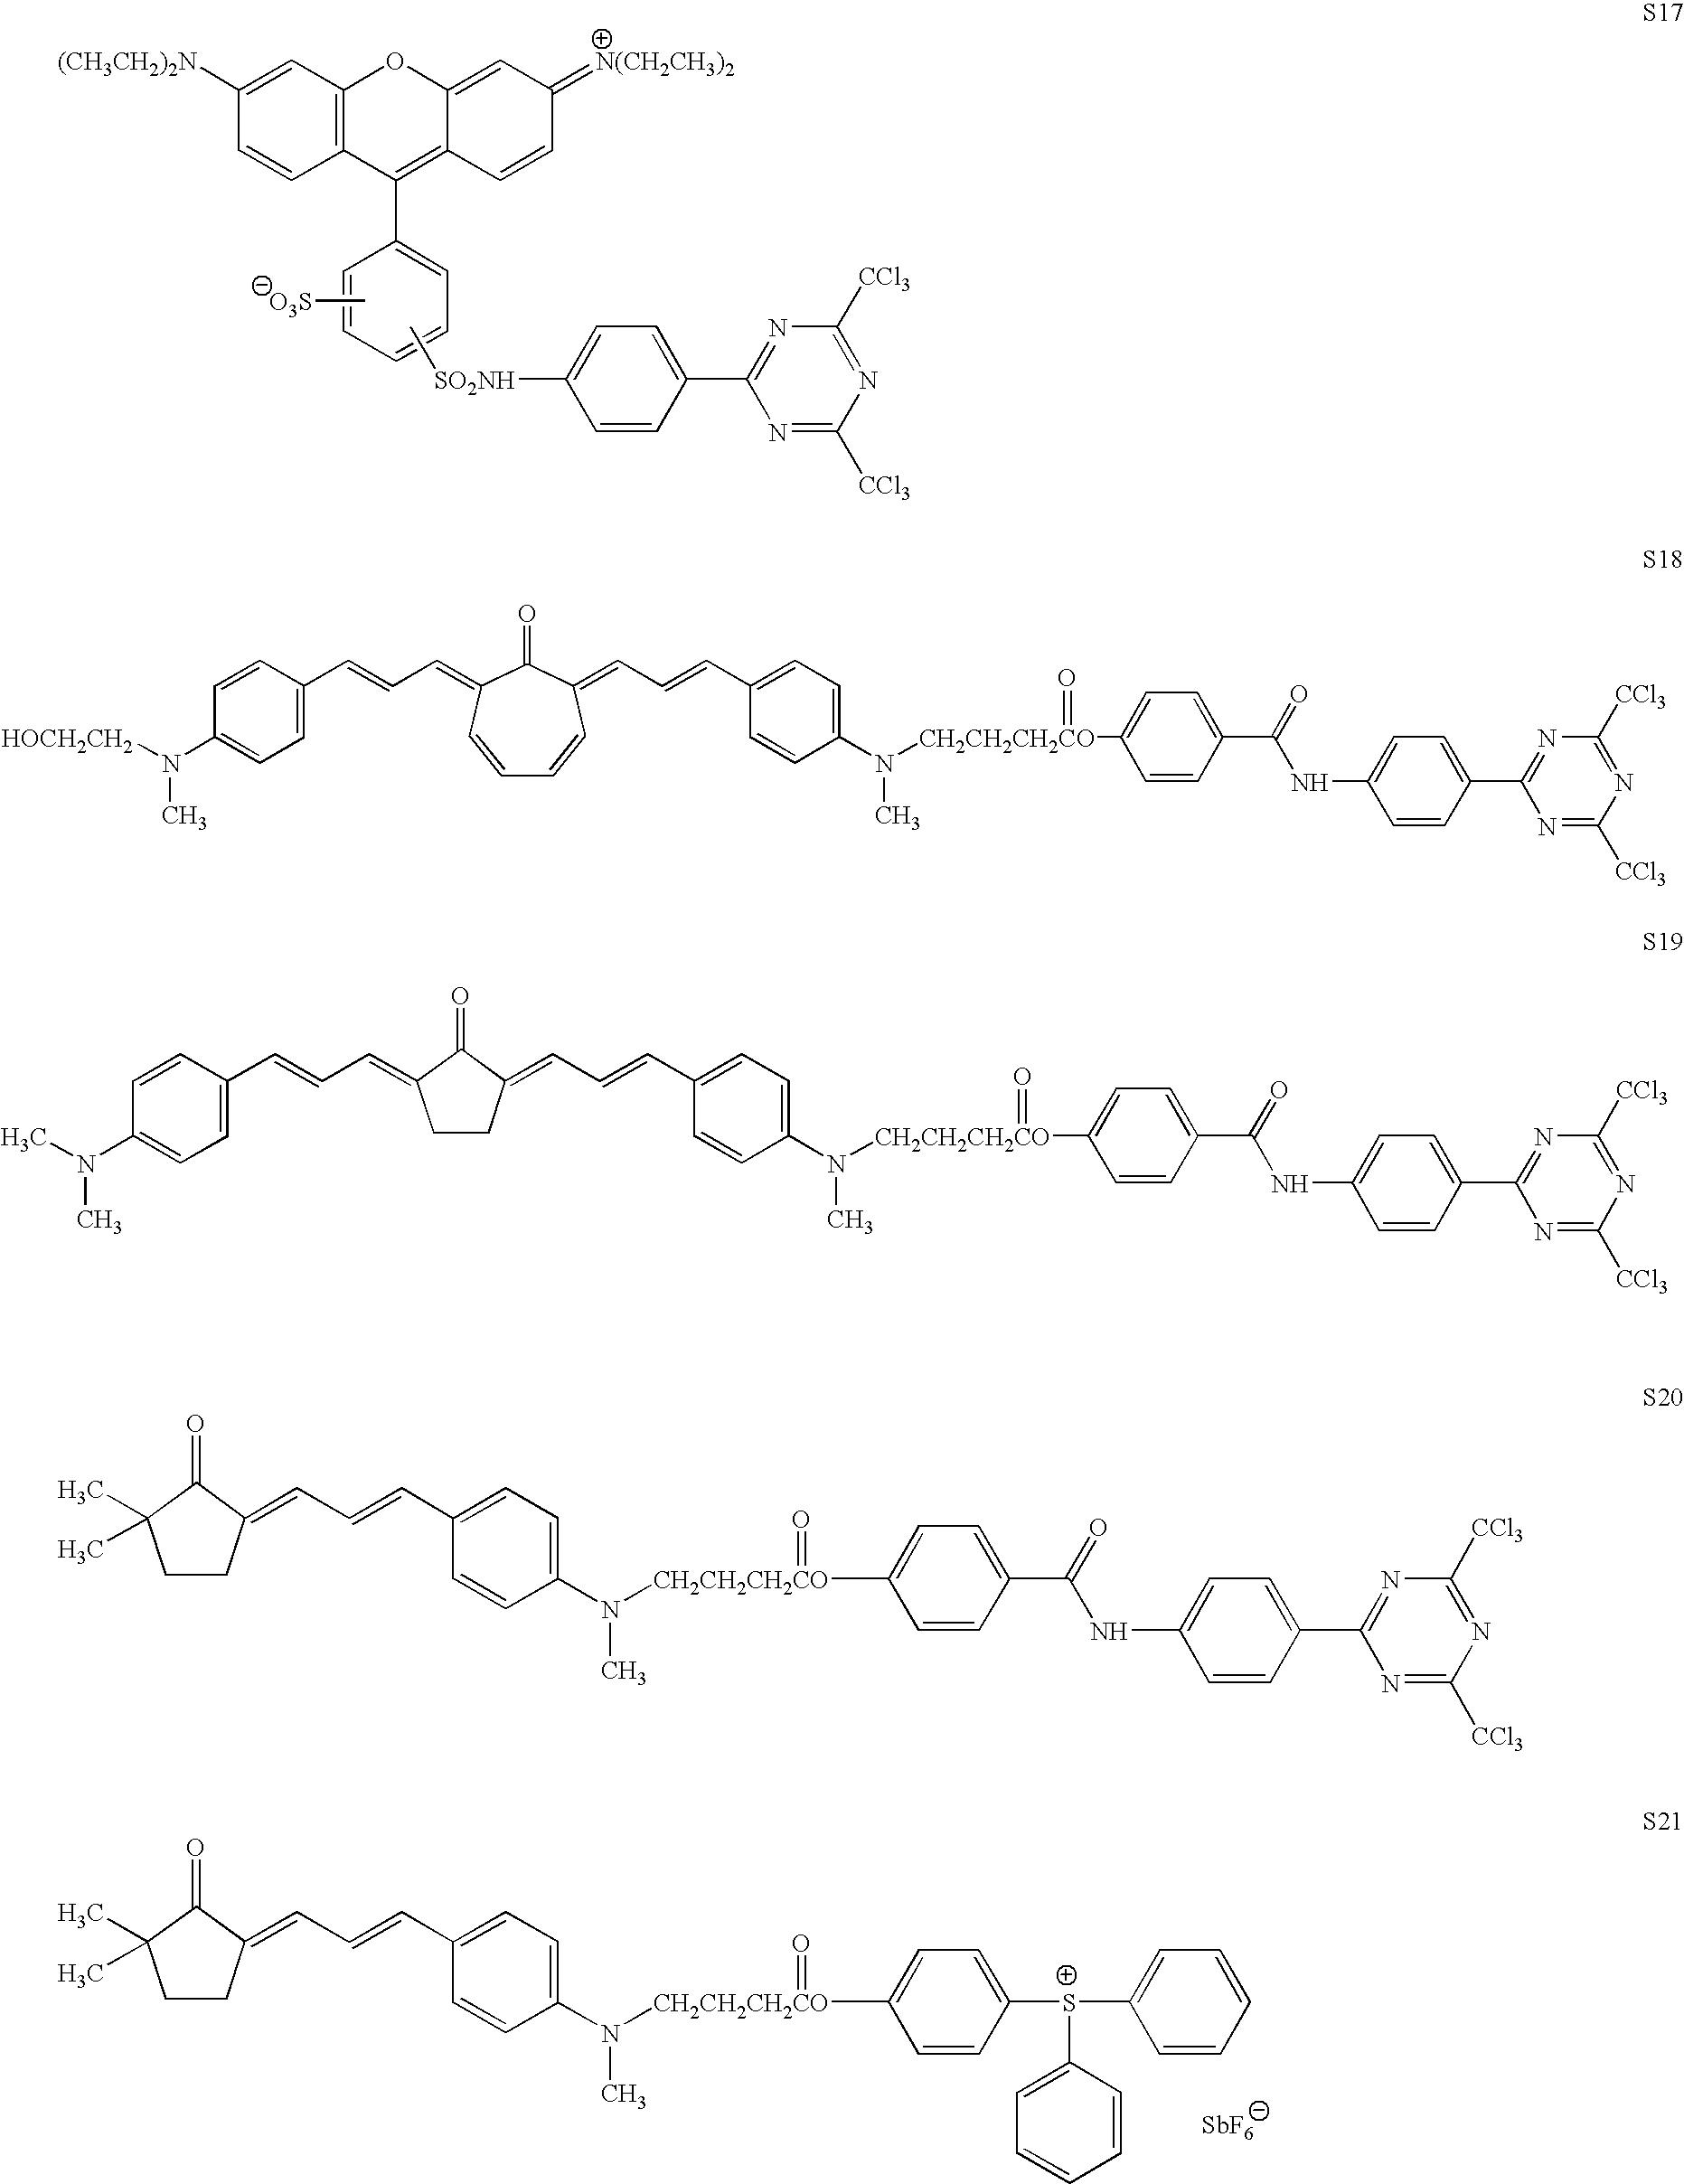 Figure US20080199811A1-20080821-C00014